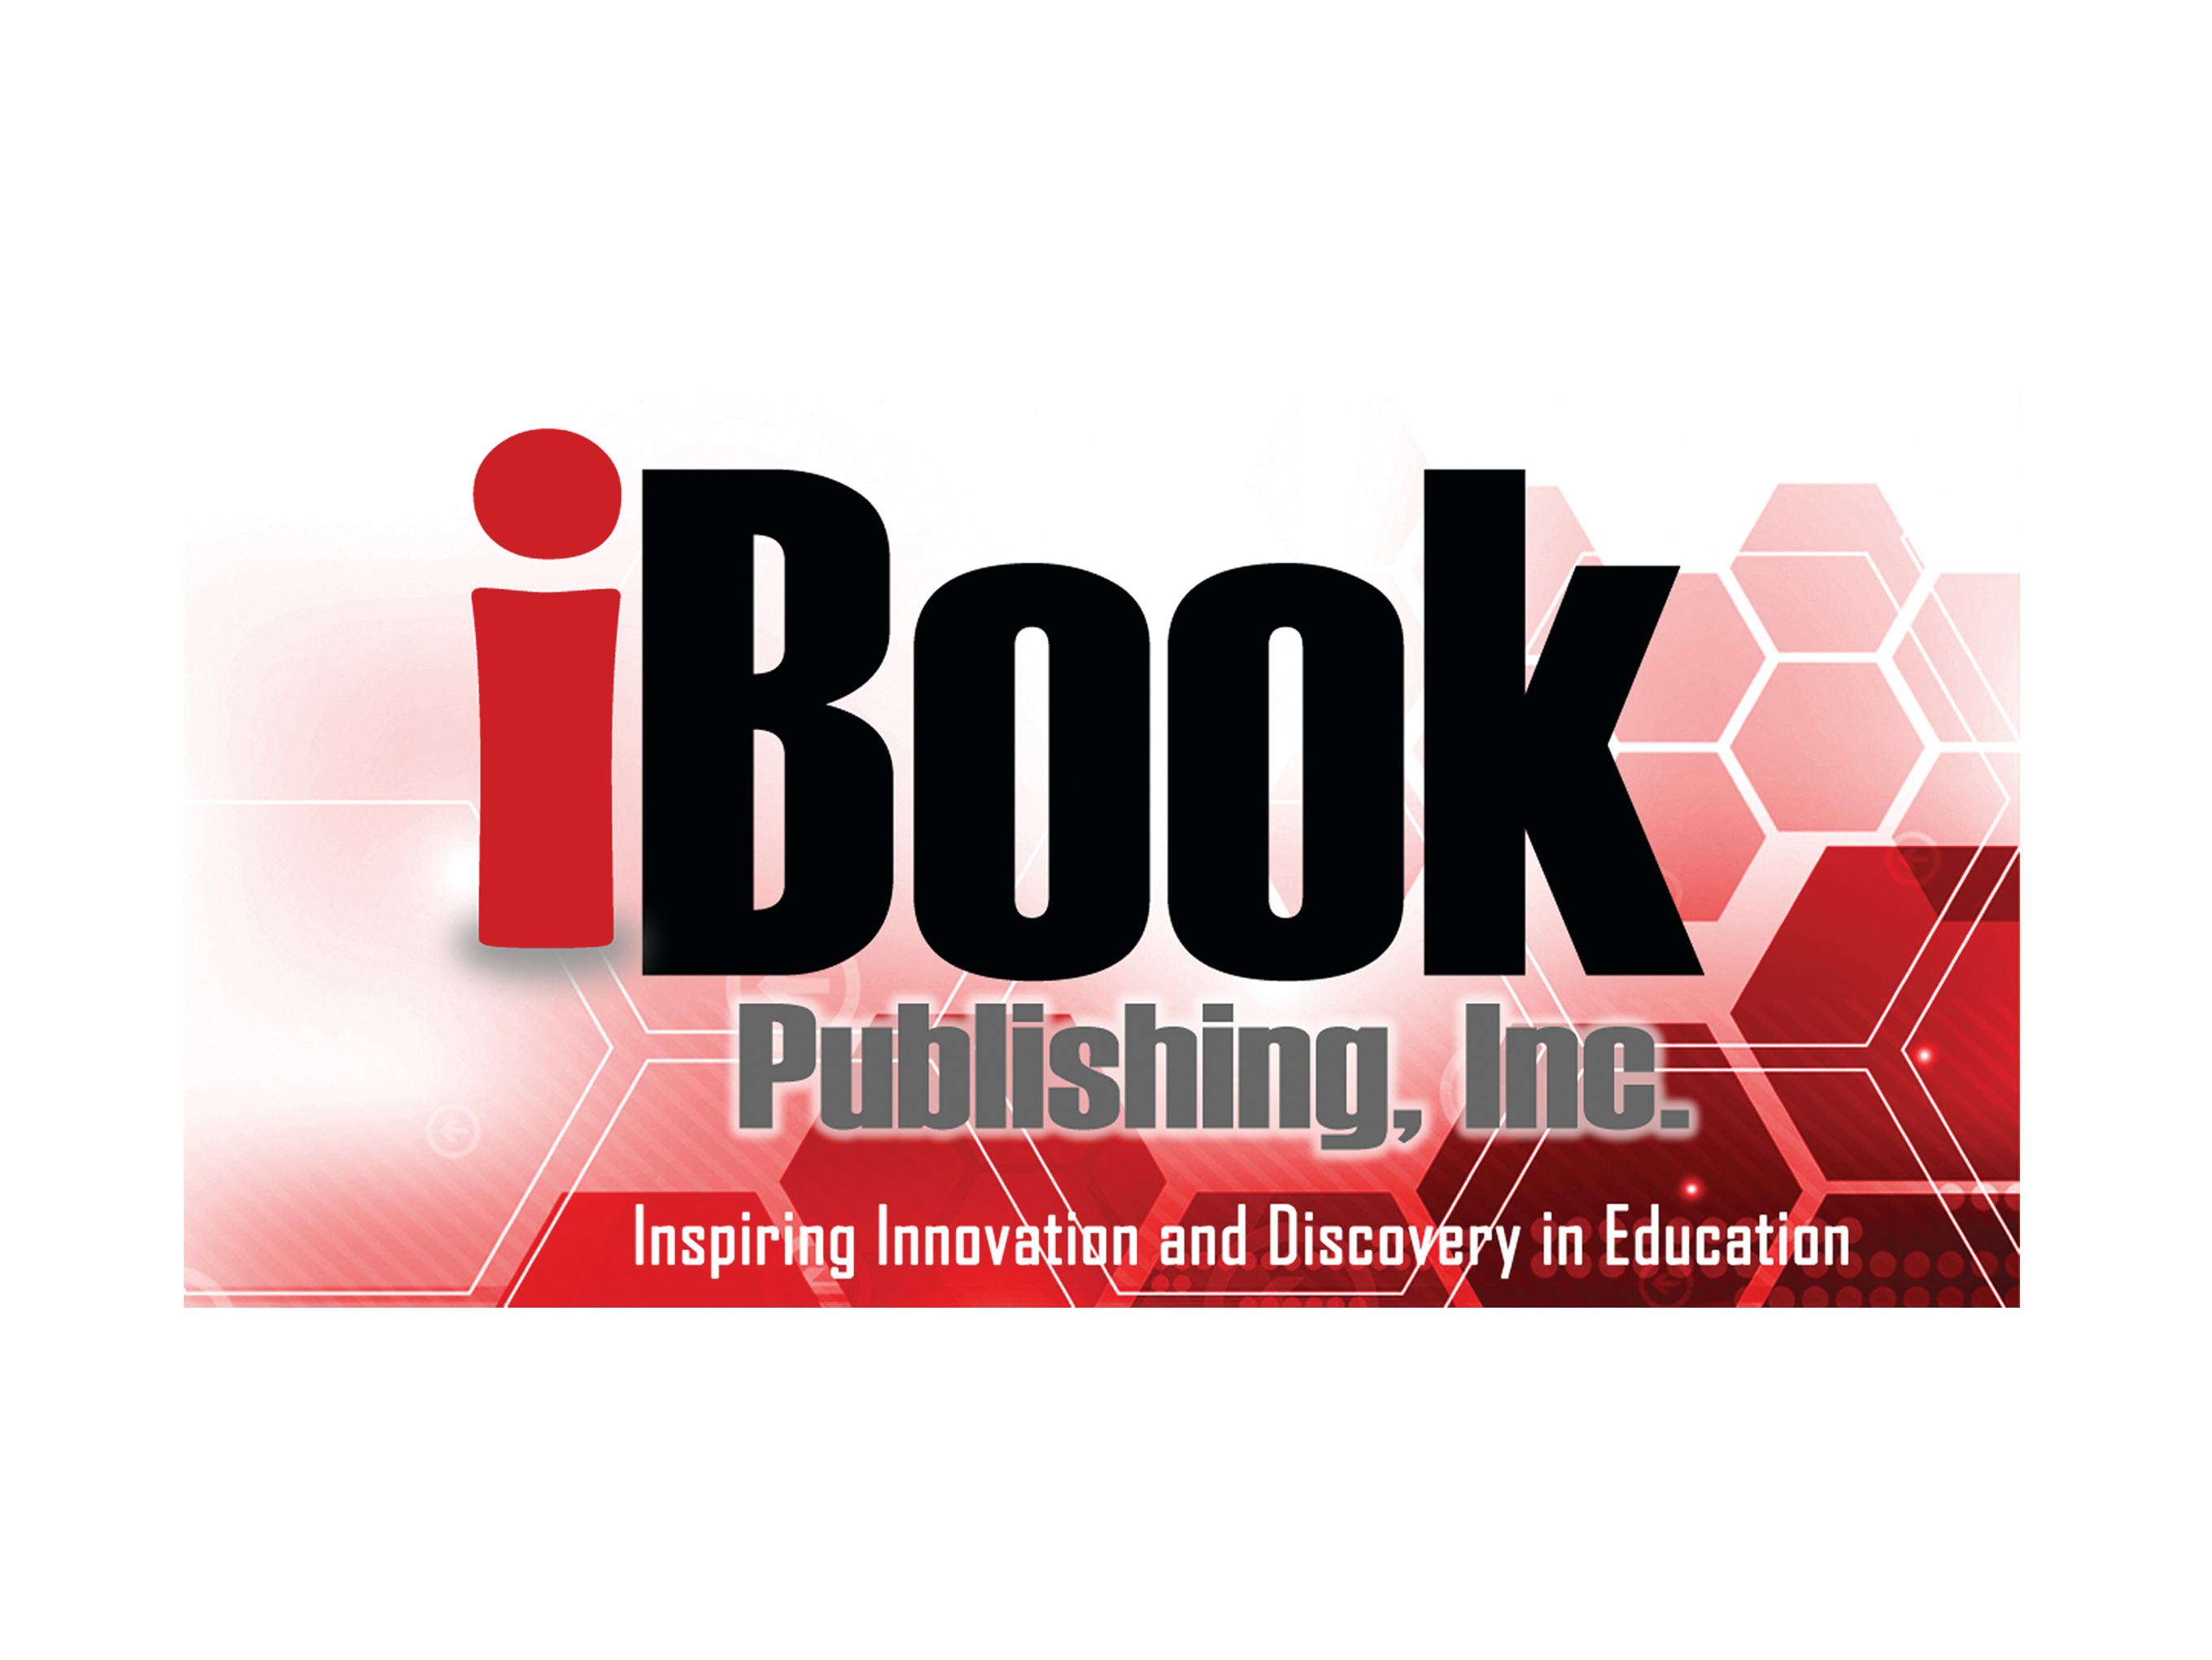 03. IBOOK PUBLISHING INC.